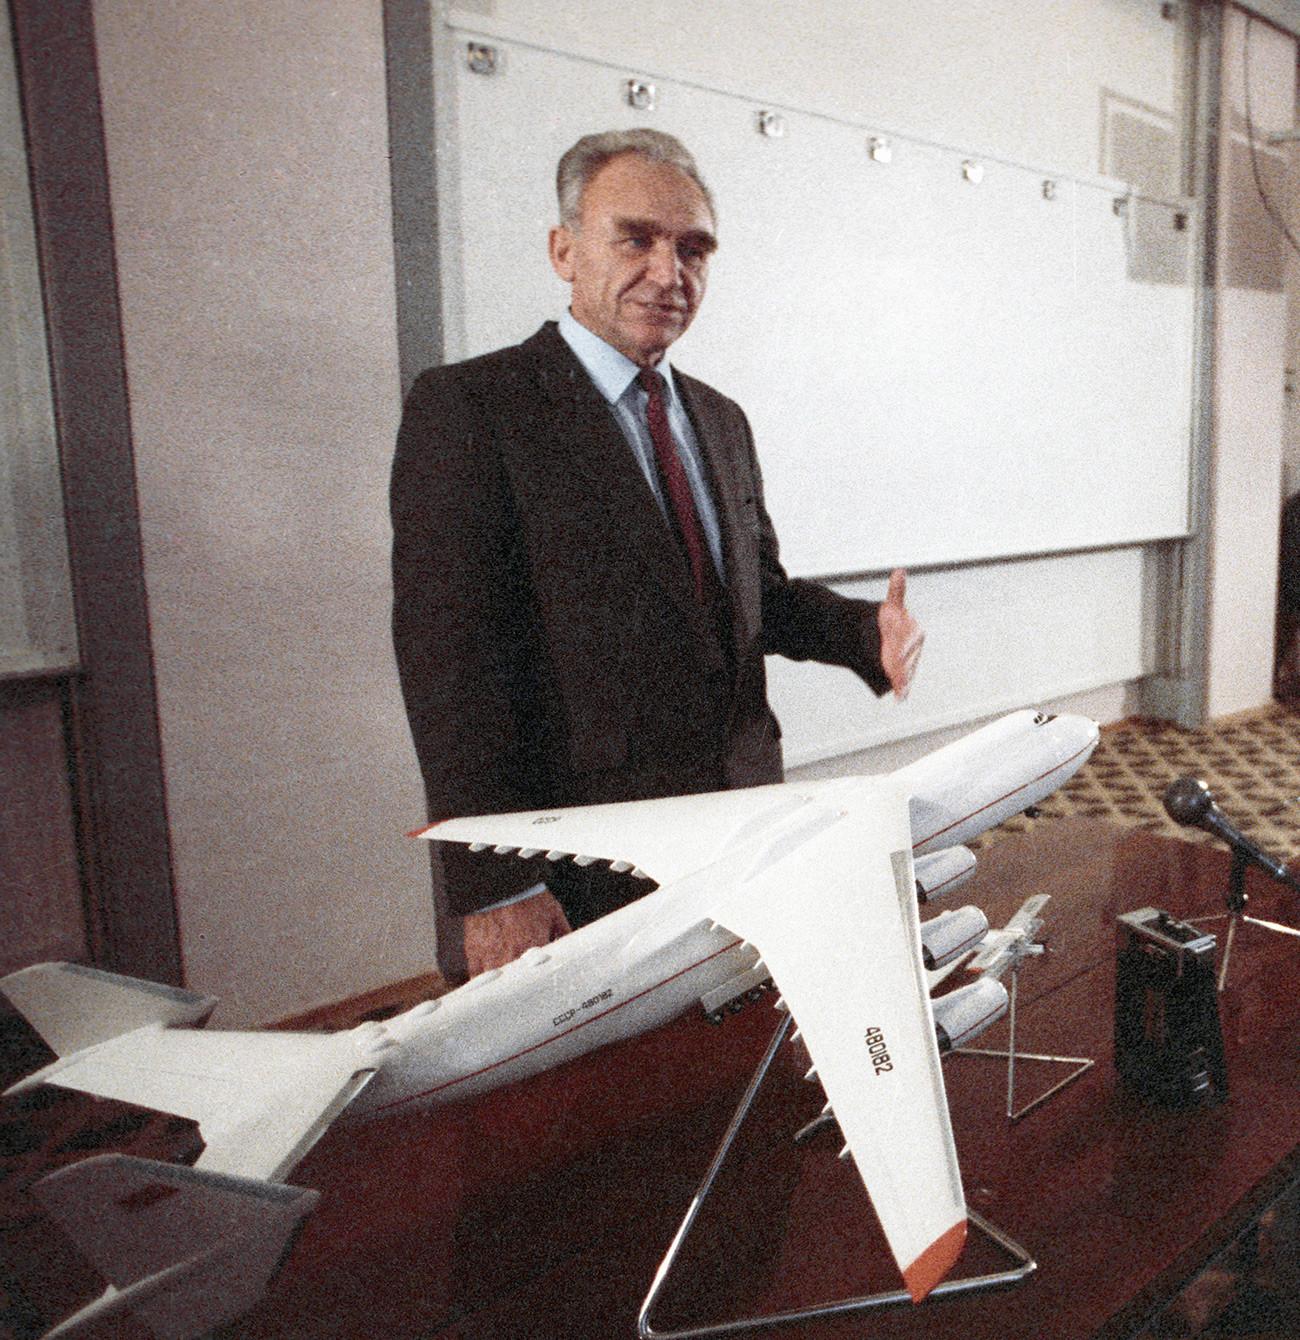 航空機技術者ピョートル・バラブエフとAn‐225の模型